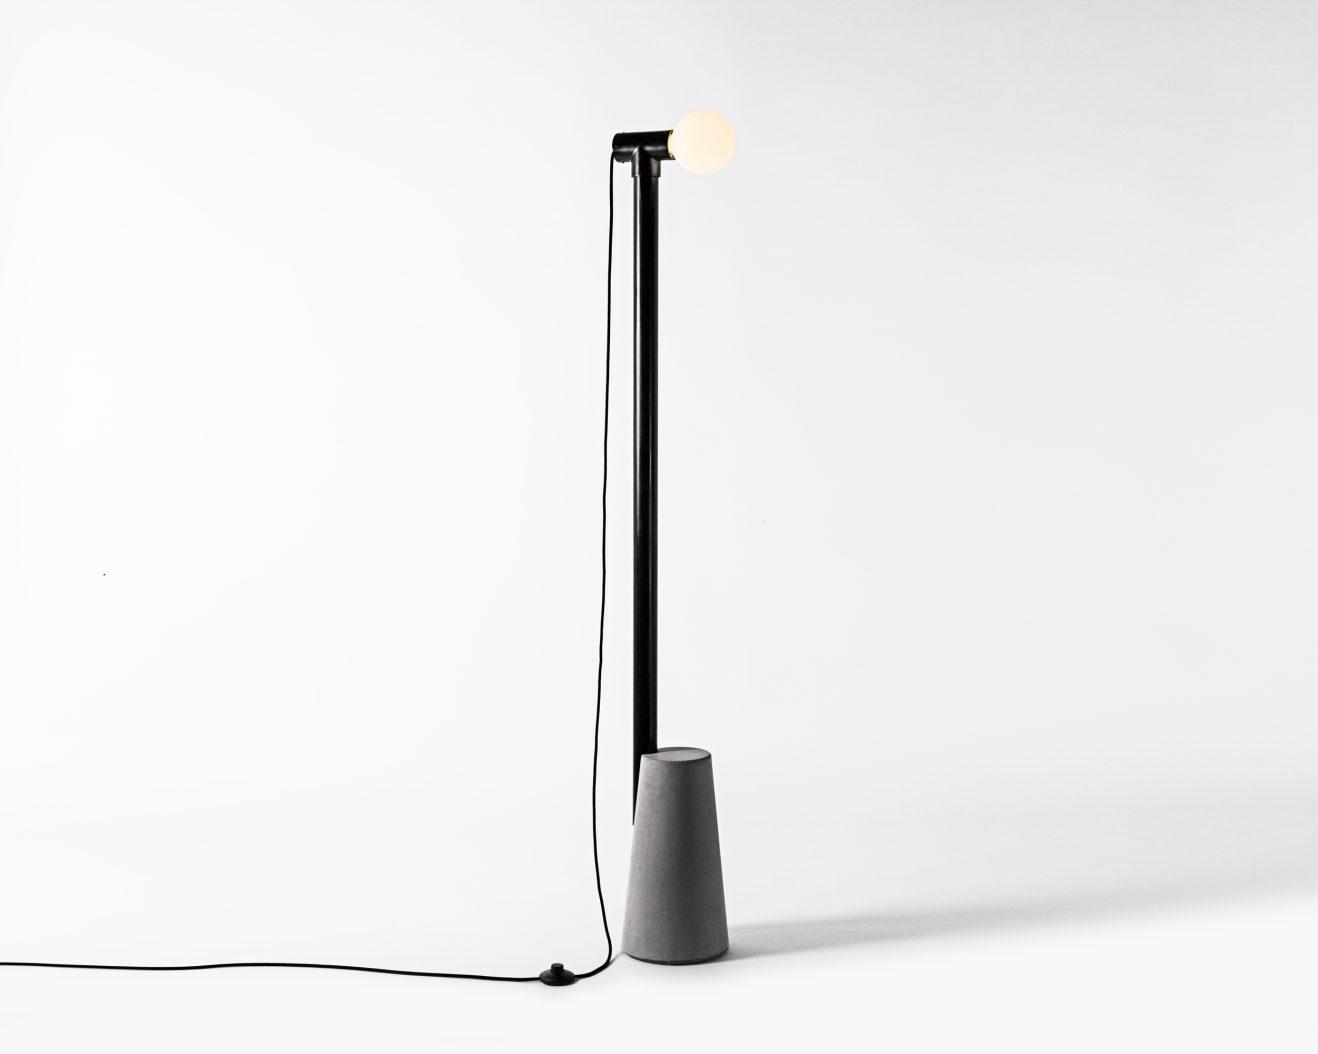 Liao_Bentu_Design_Lamp-Liao-1